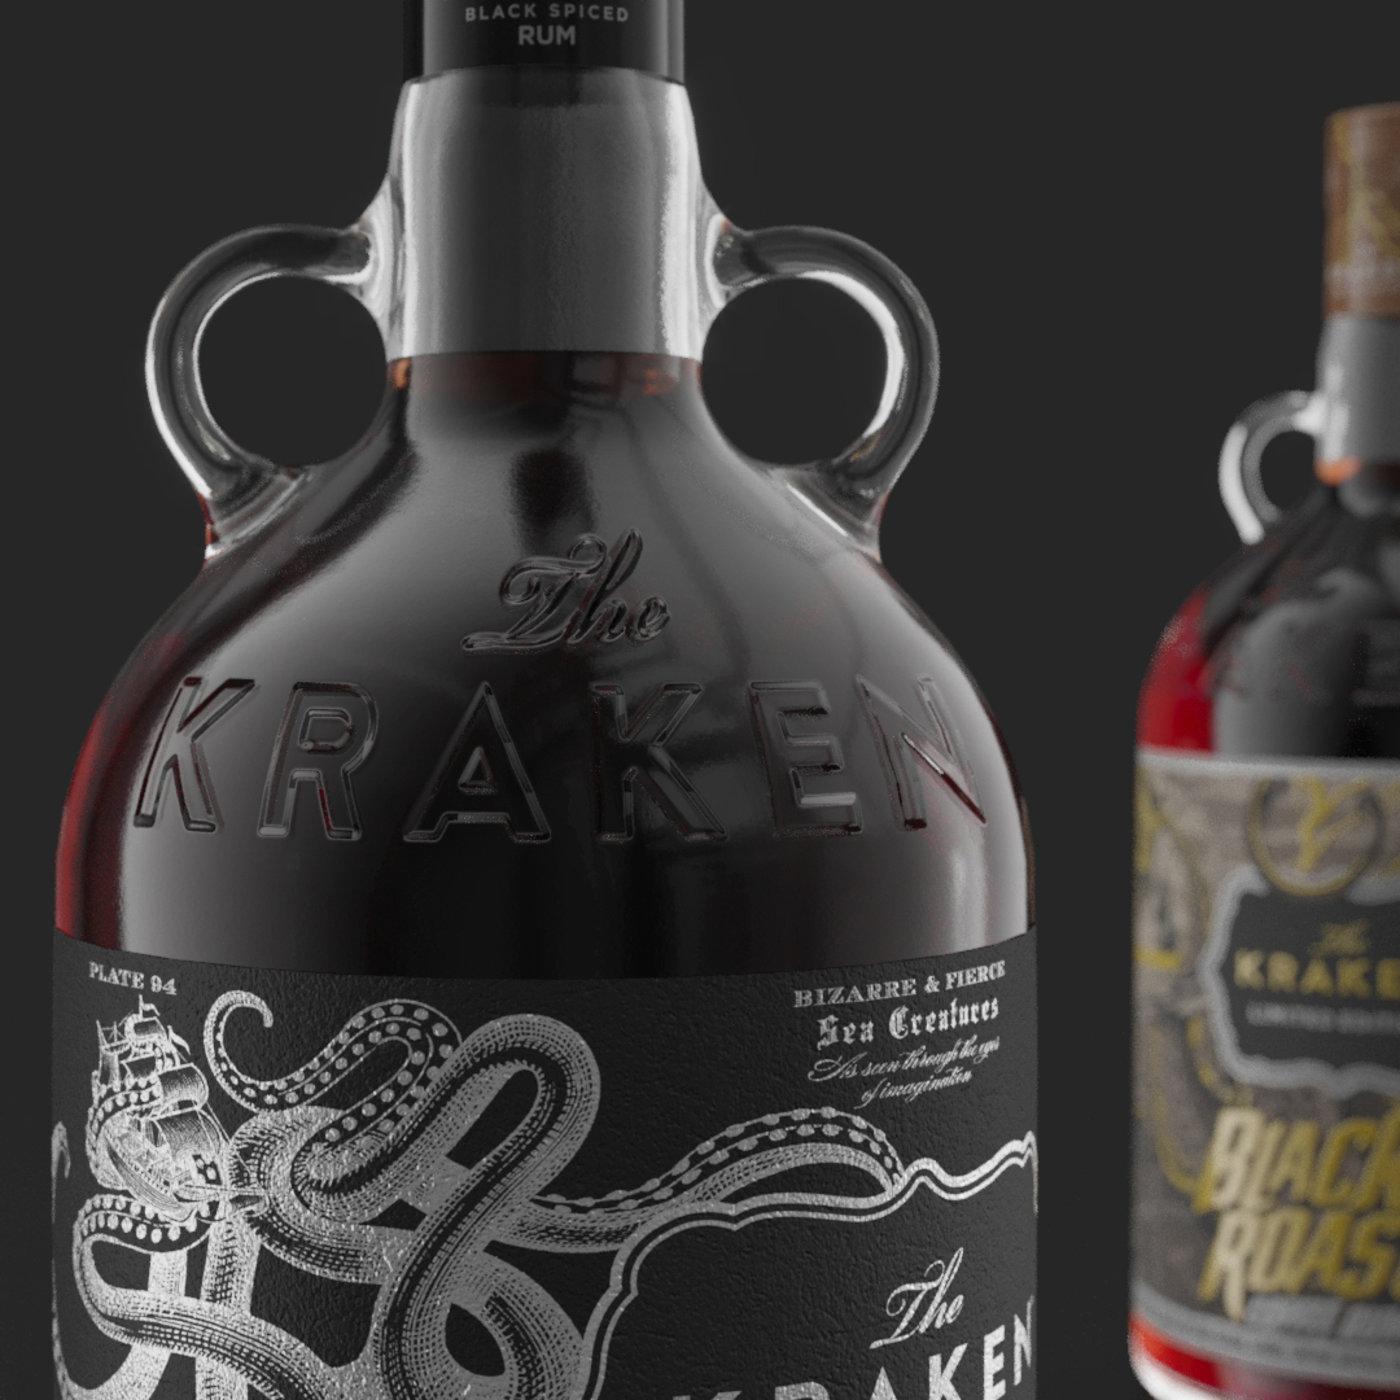 Kraken Rum bottles